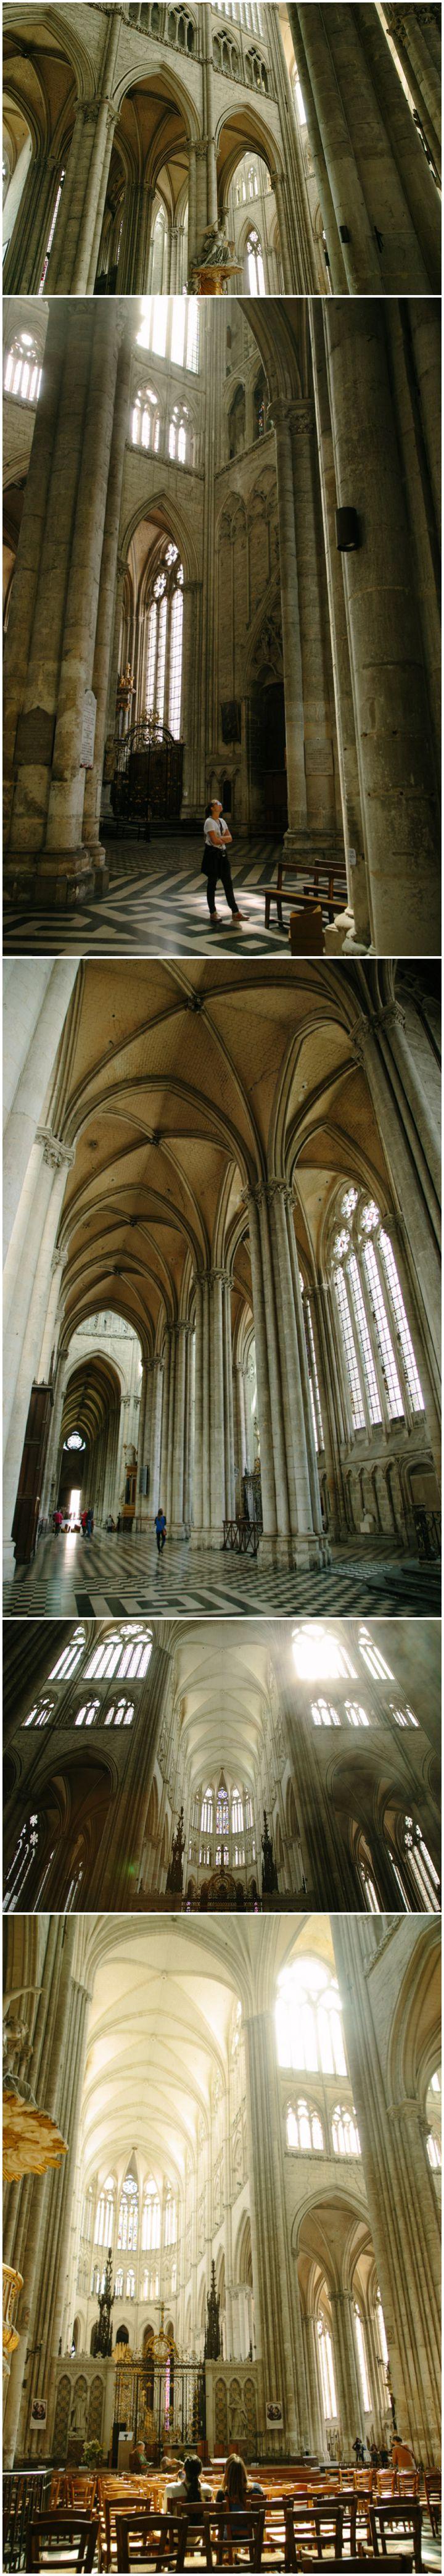 Belgium-travel-photographer-utah-1.jpg